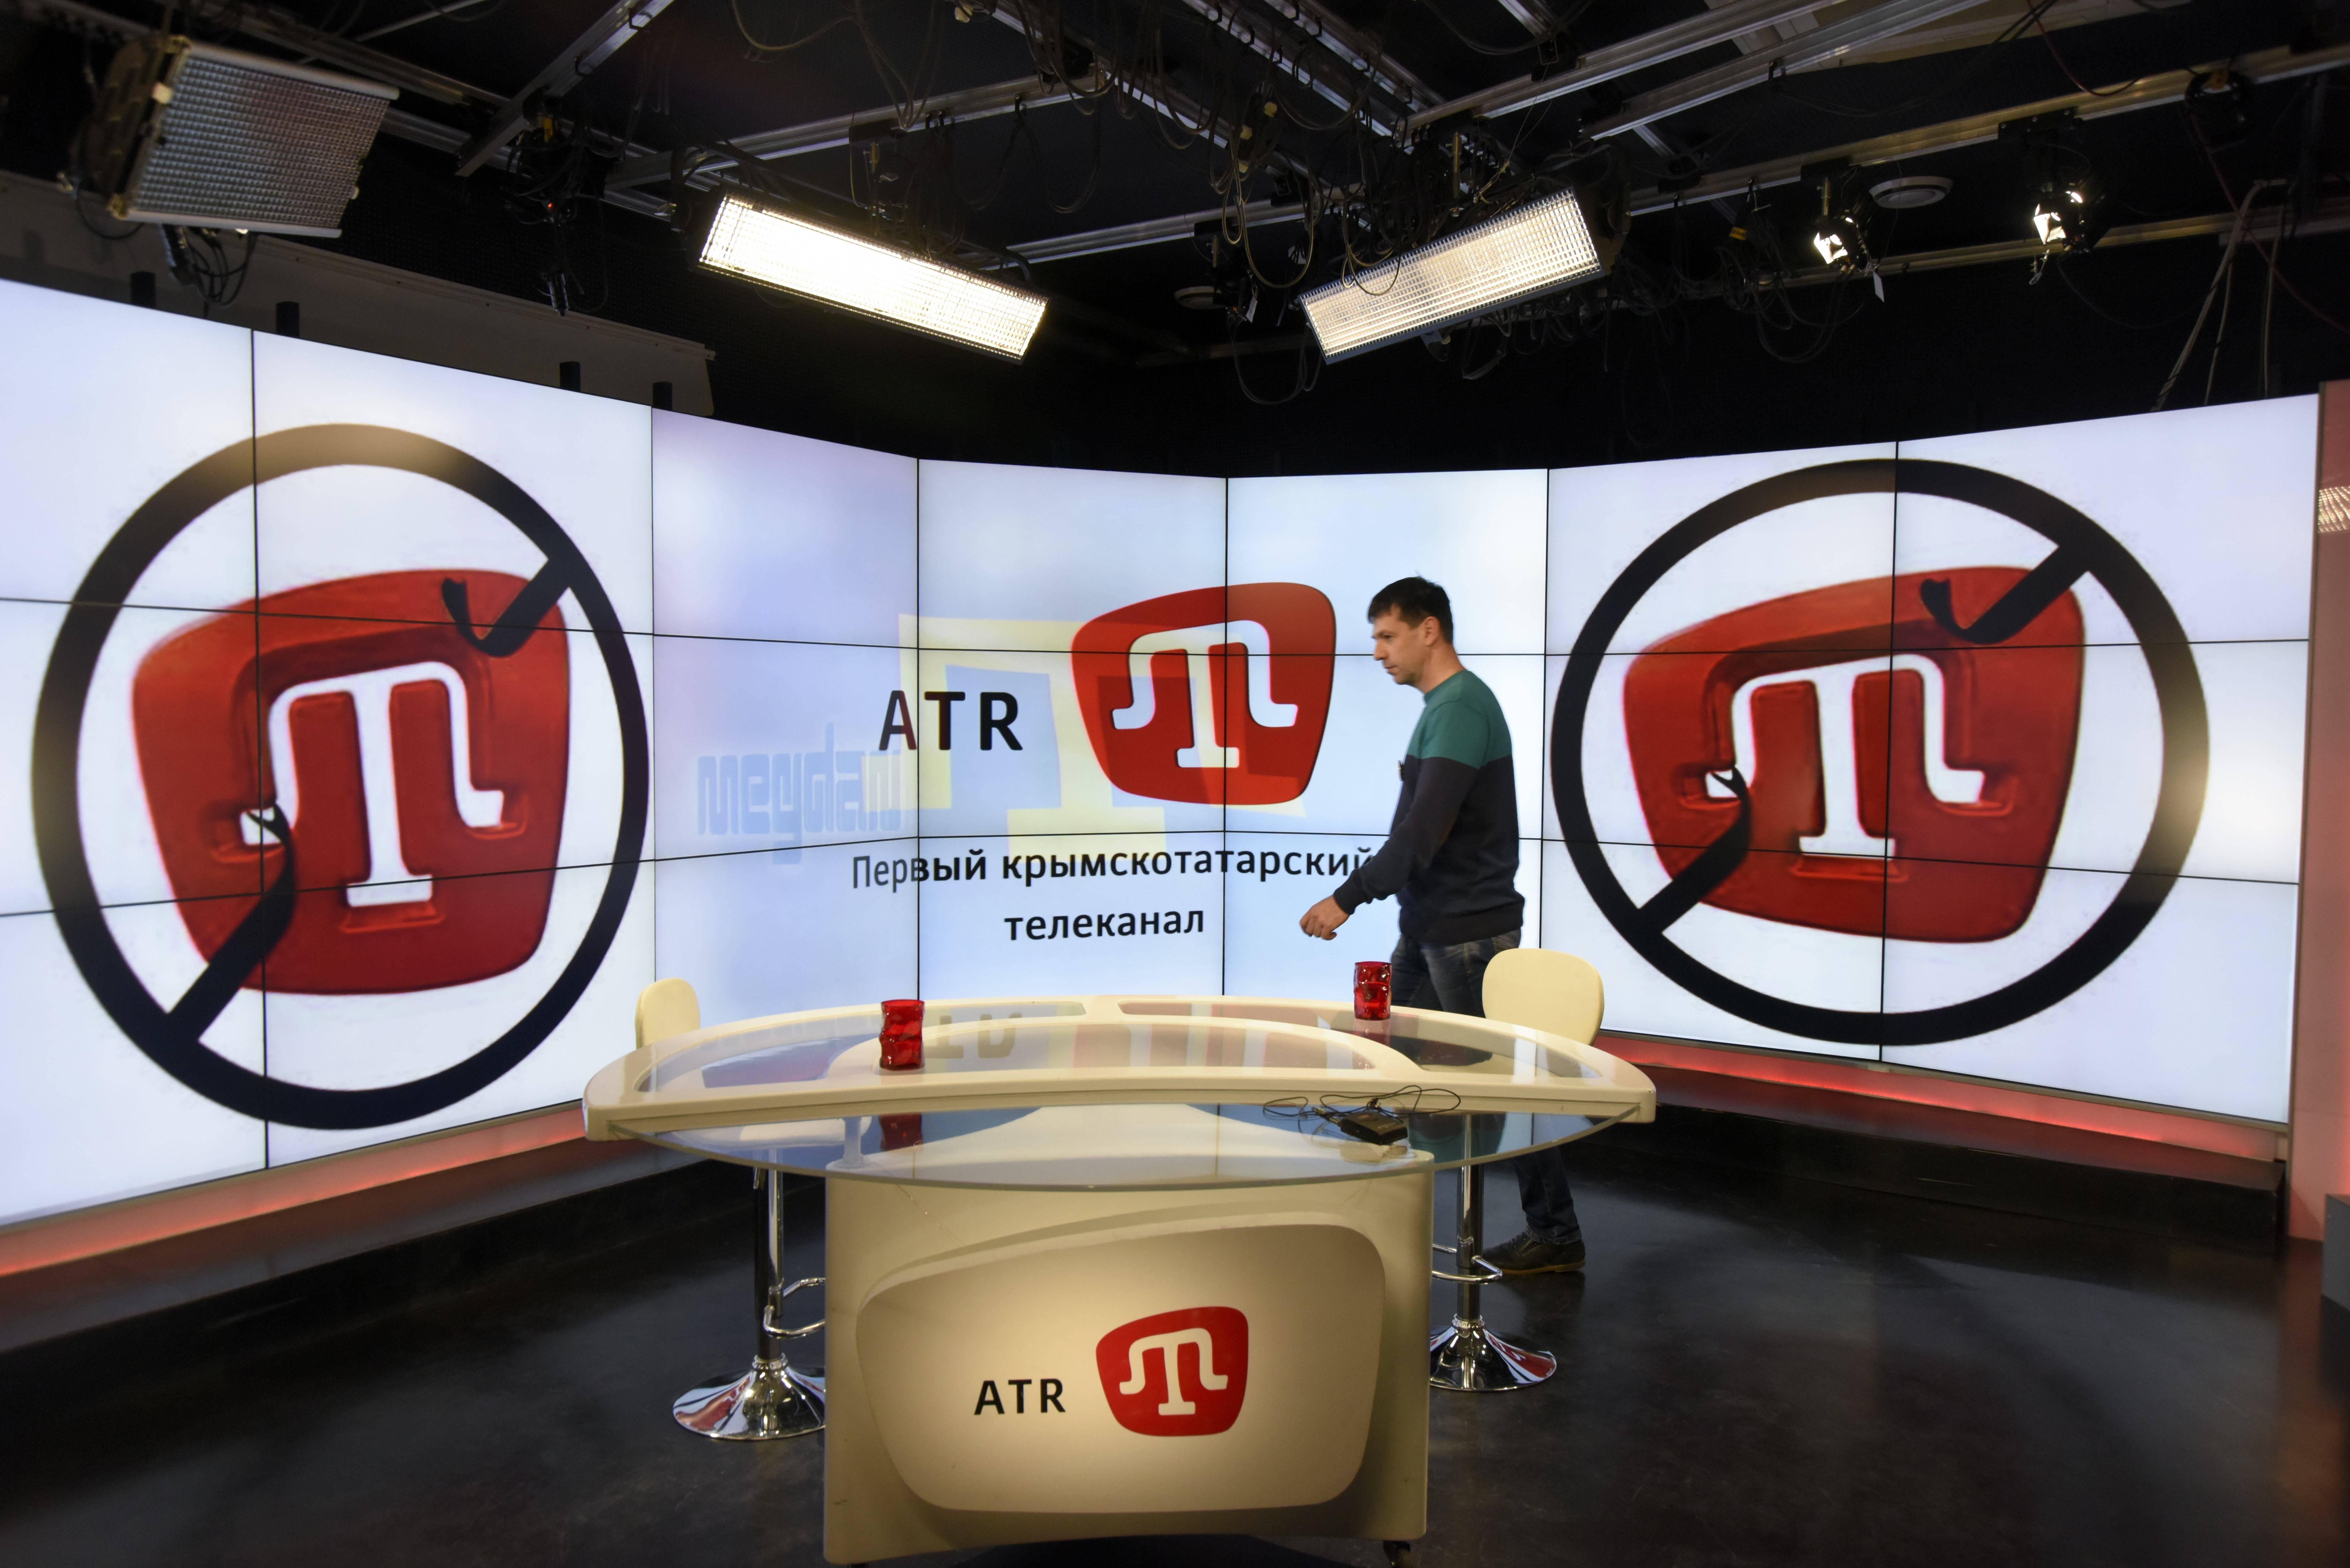 La chaîne ATR TV, la première à être consacrée aux Tatars de Crimée, a dû fermer le 1er avril, les autorités russes ayant refusé de renouveler ses droits d'antenne. (© AP Images)